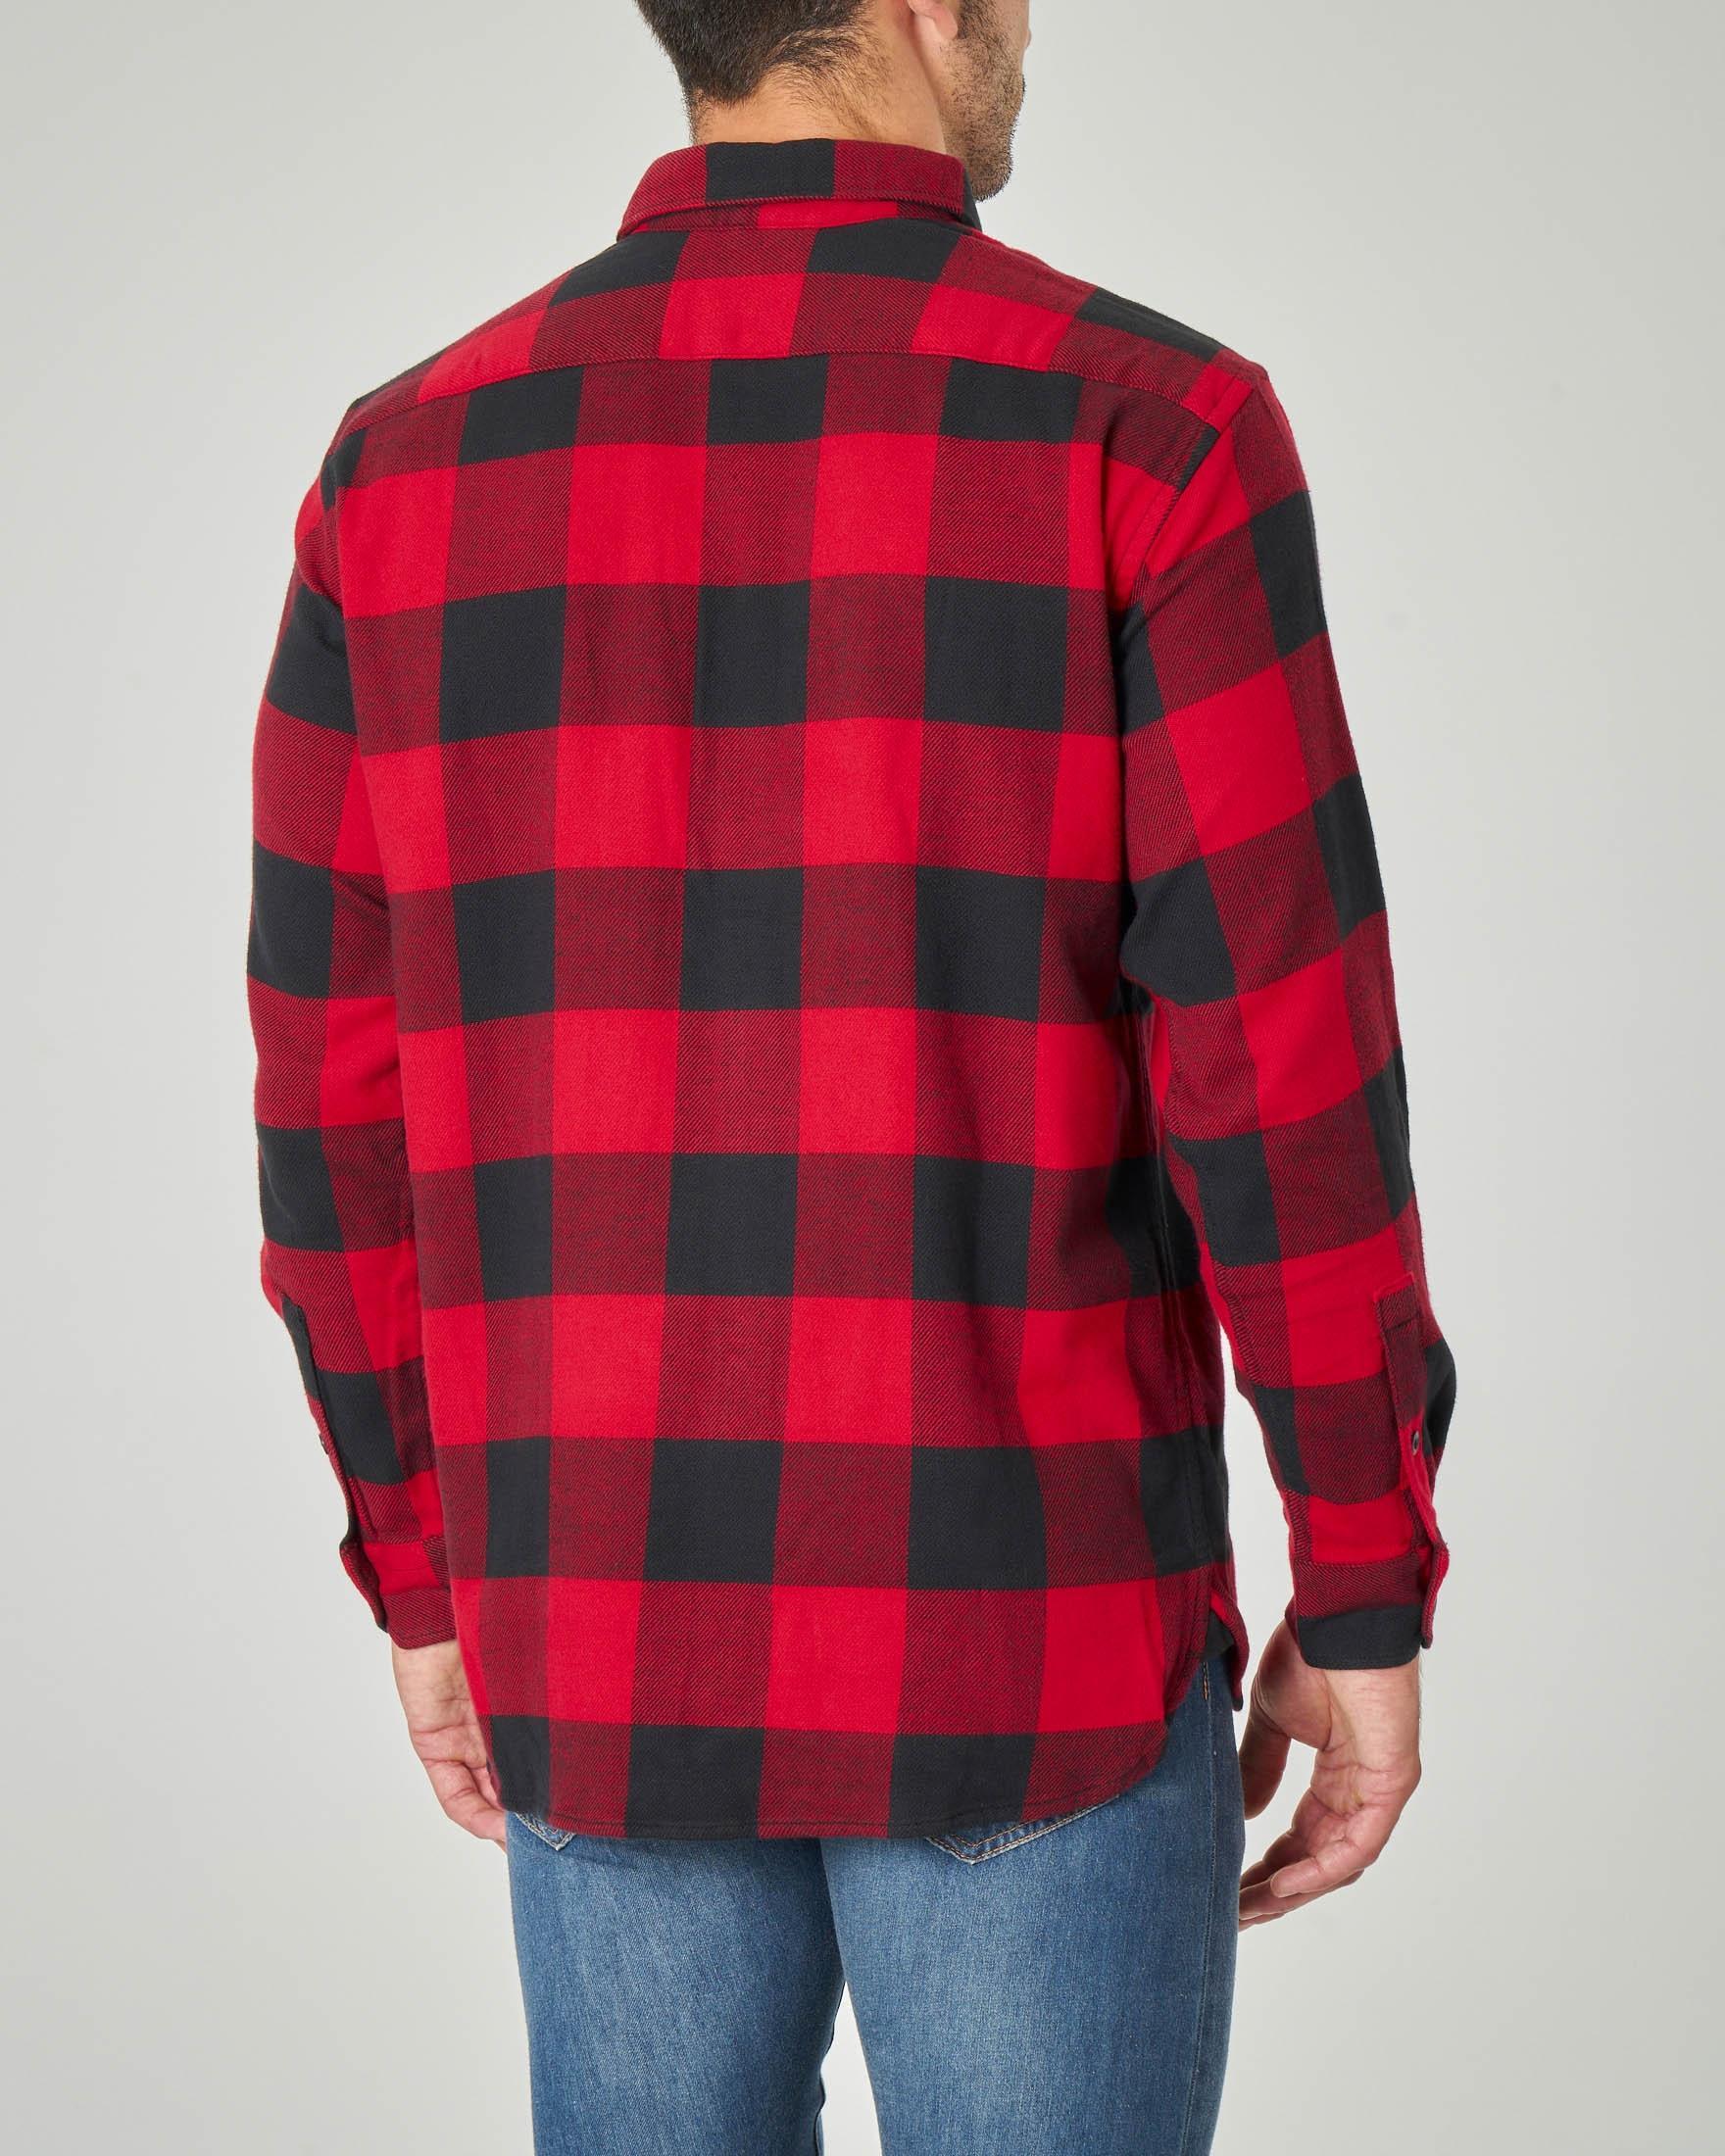 Camicia buffalo check in caldo cotone elasticizzato